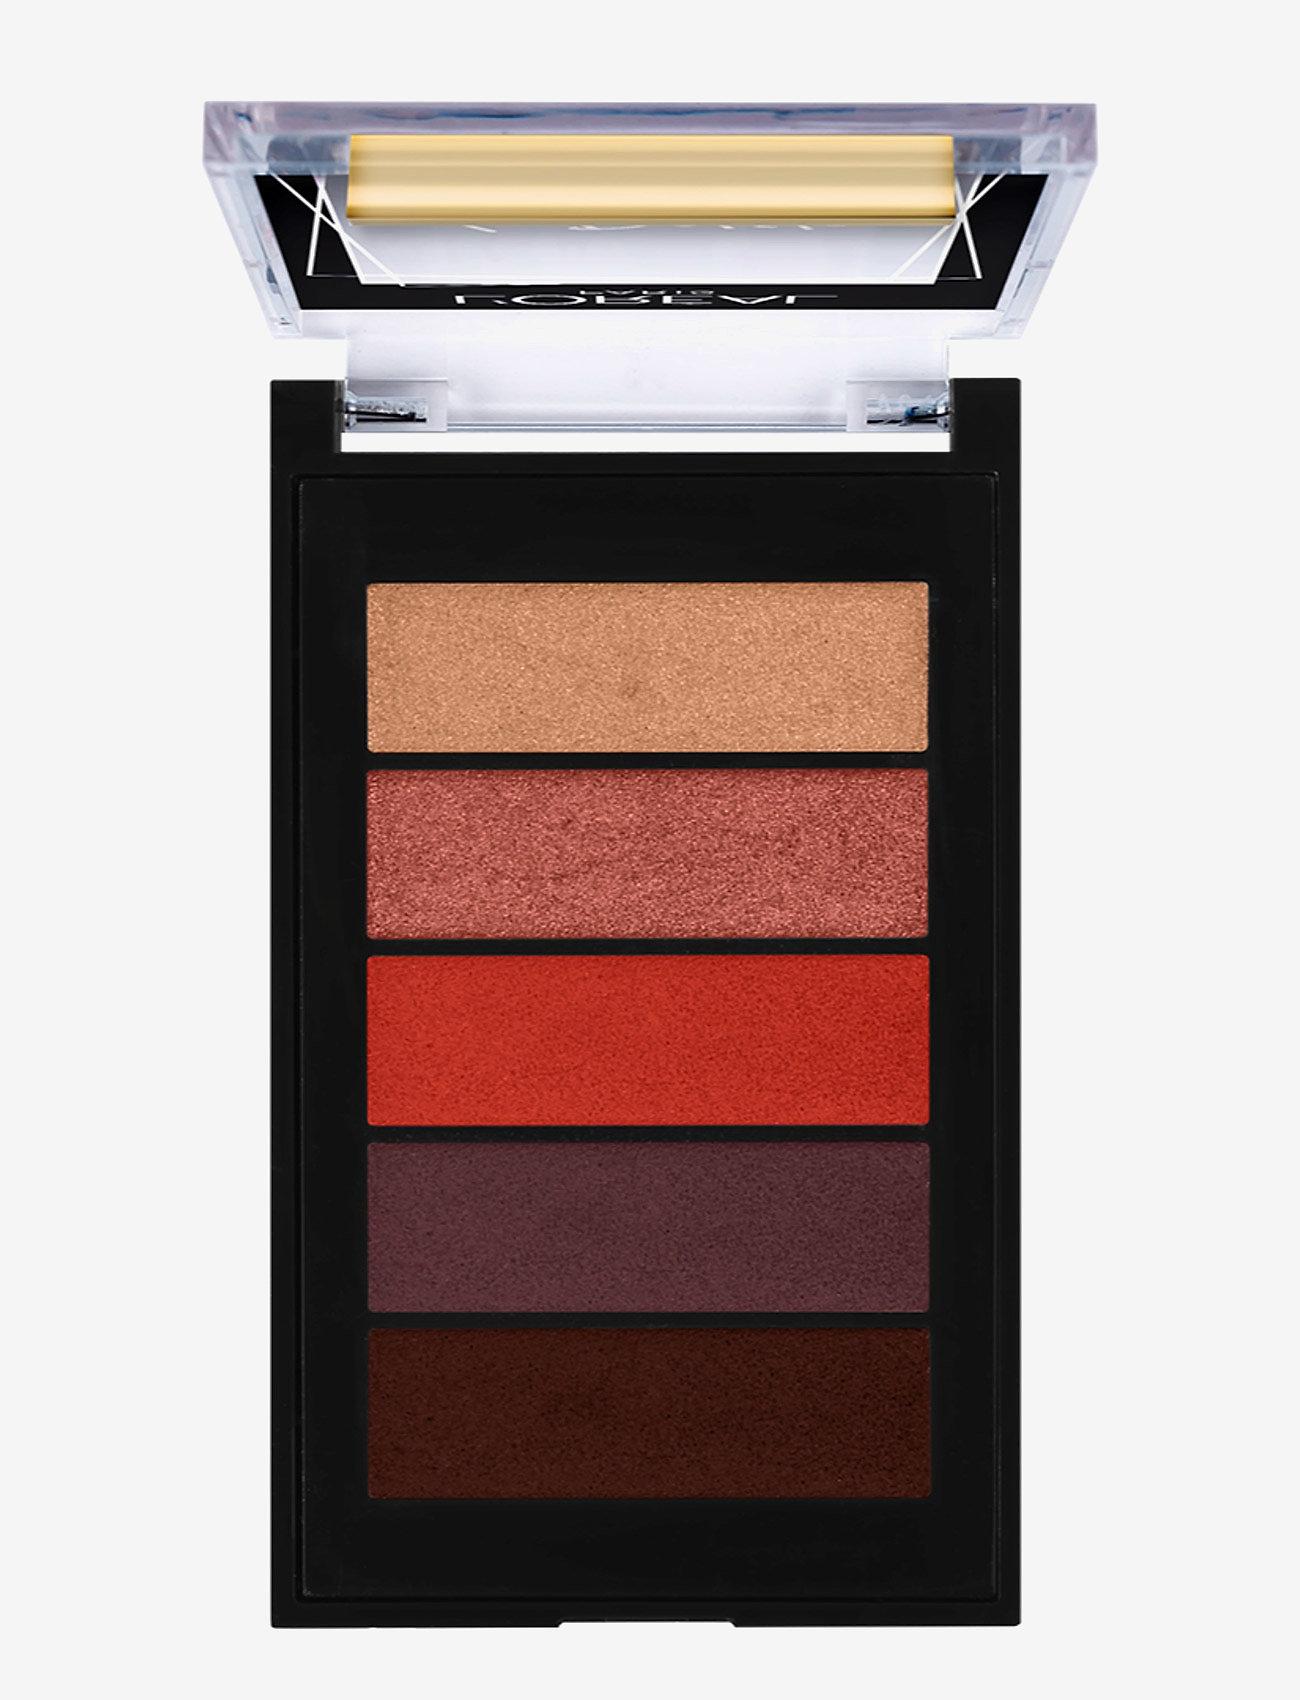 L'Oréal Paris - La Petite Palette Eyeshadow - Øjenskyggepalet - 01 le marais - 1